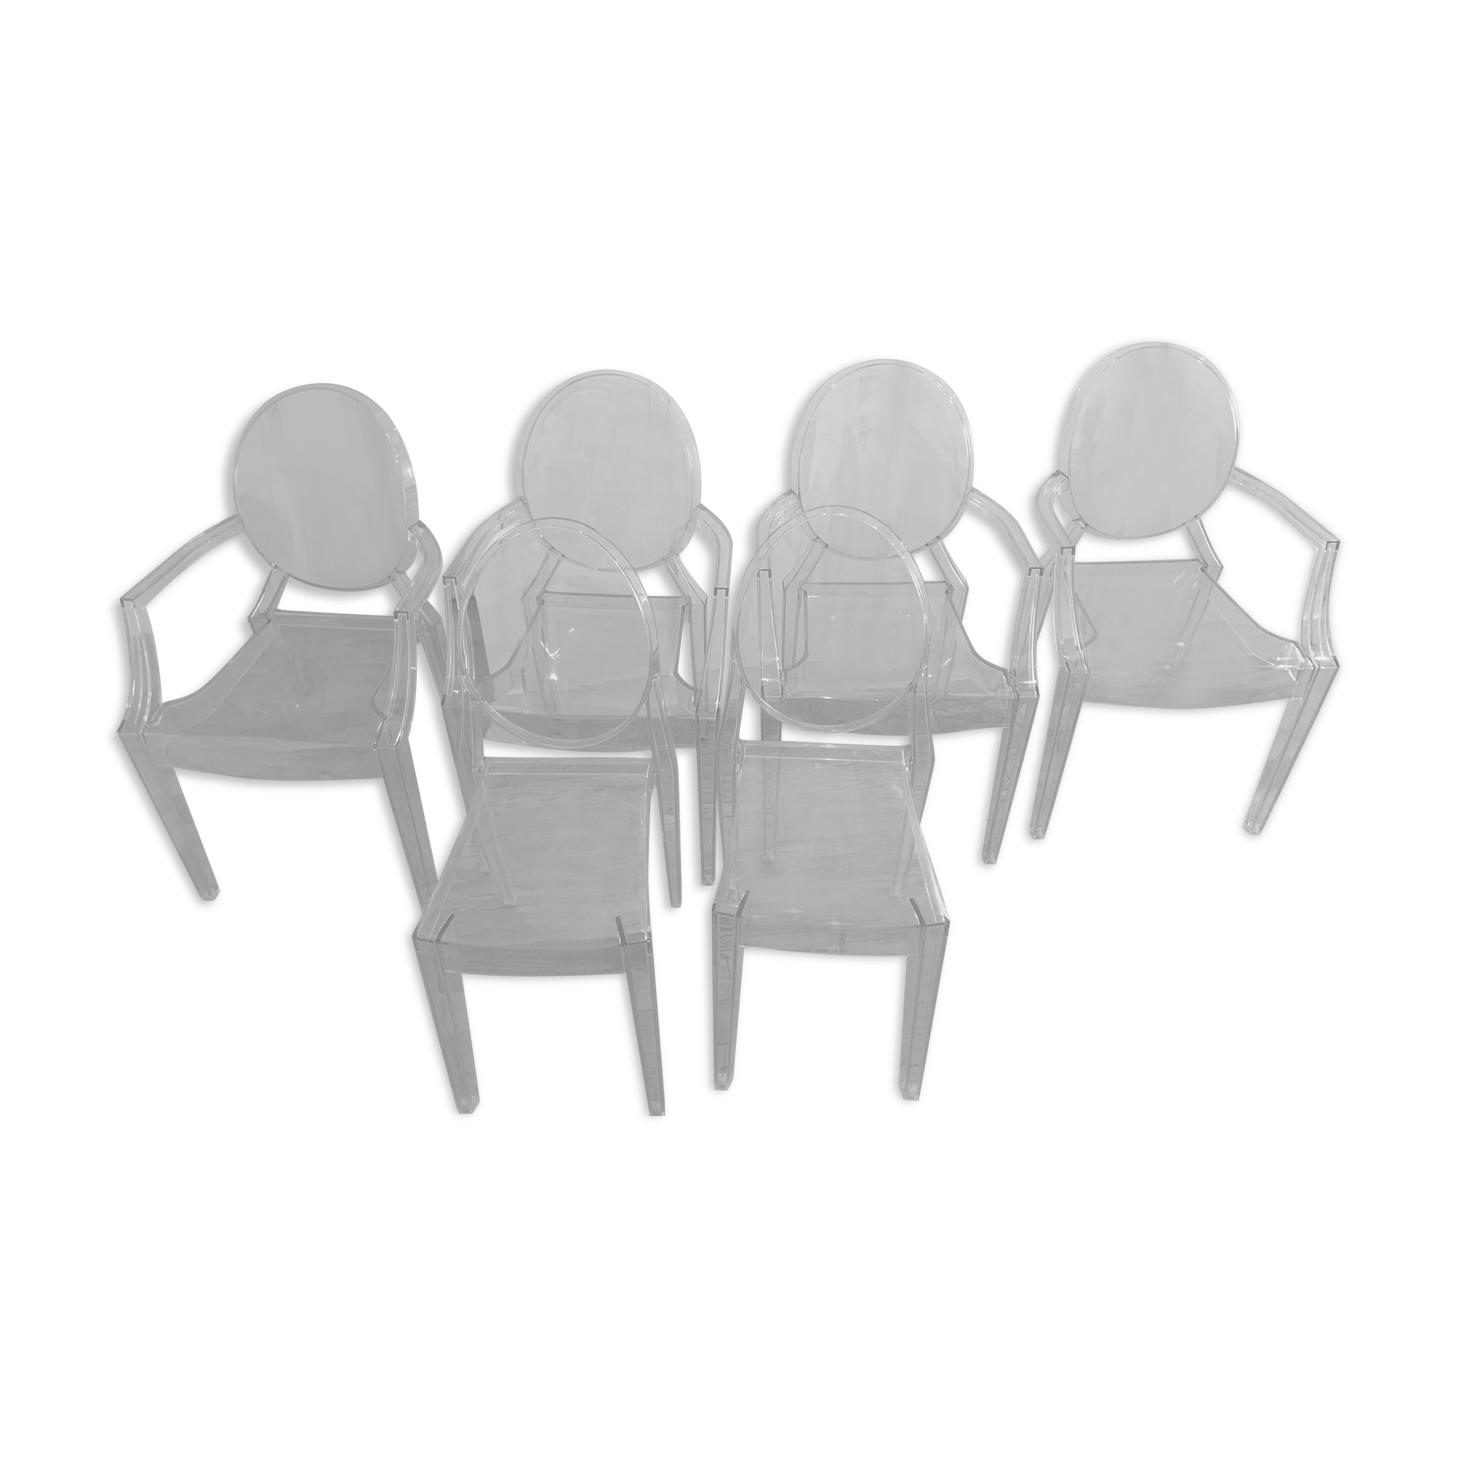 Lot de 4 fauteuils et 2 chaises Philippe Stark pour Kartell, modèle Louis Ghost